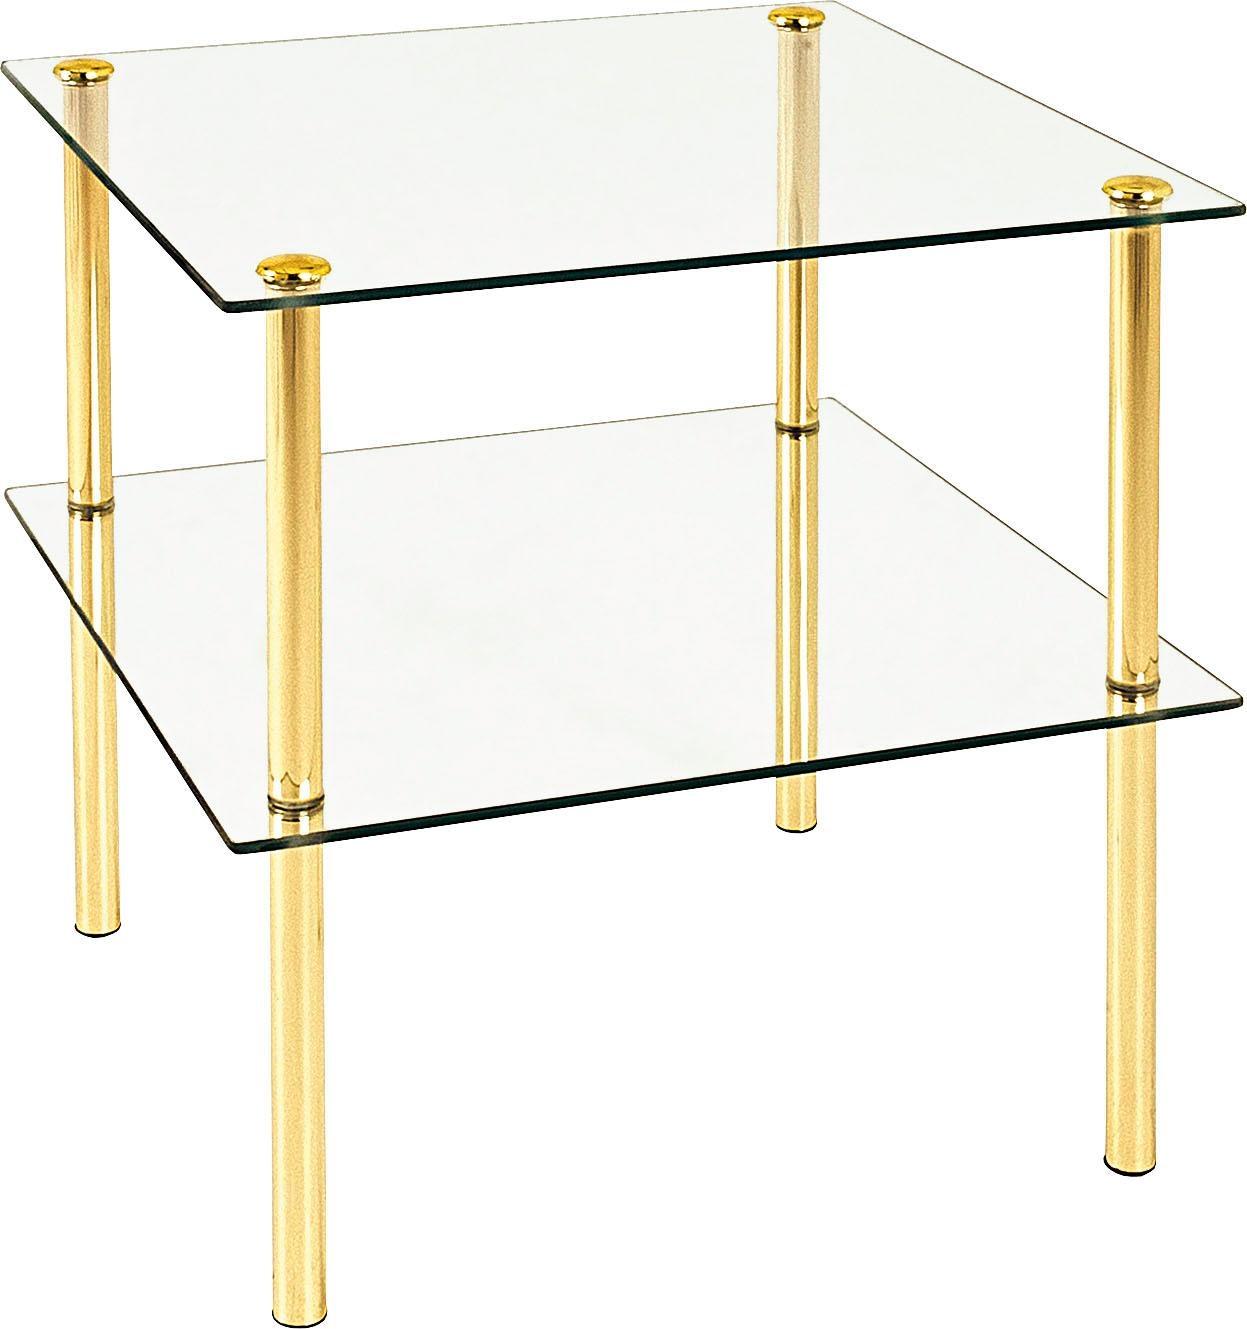 HAKU Beistelltisch Wohnen/Möbel/Tische/Glastisch/Glas-Beistelltische